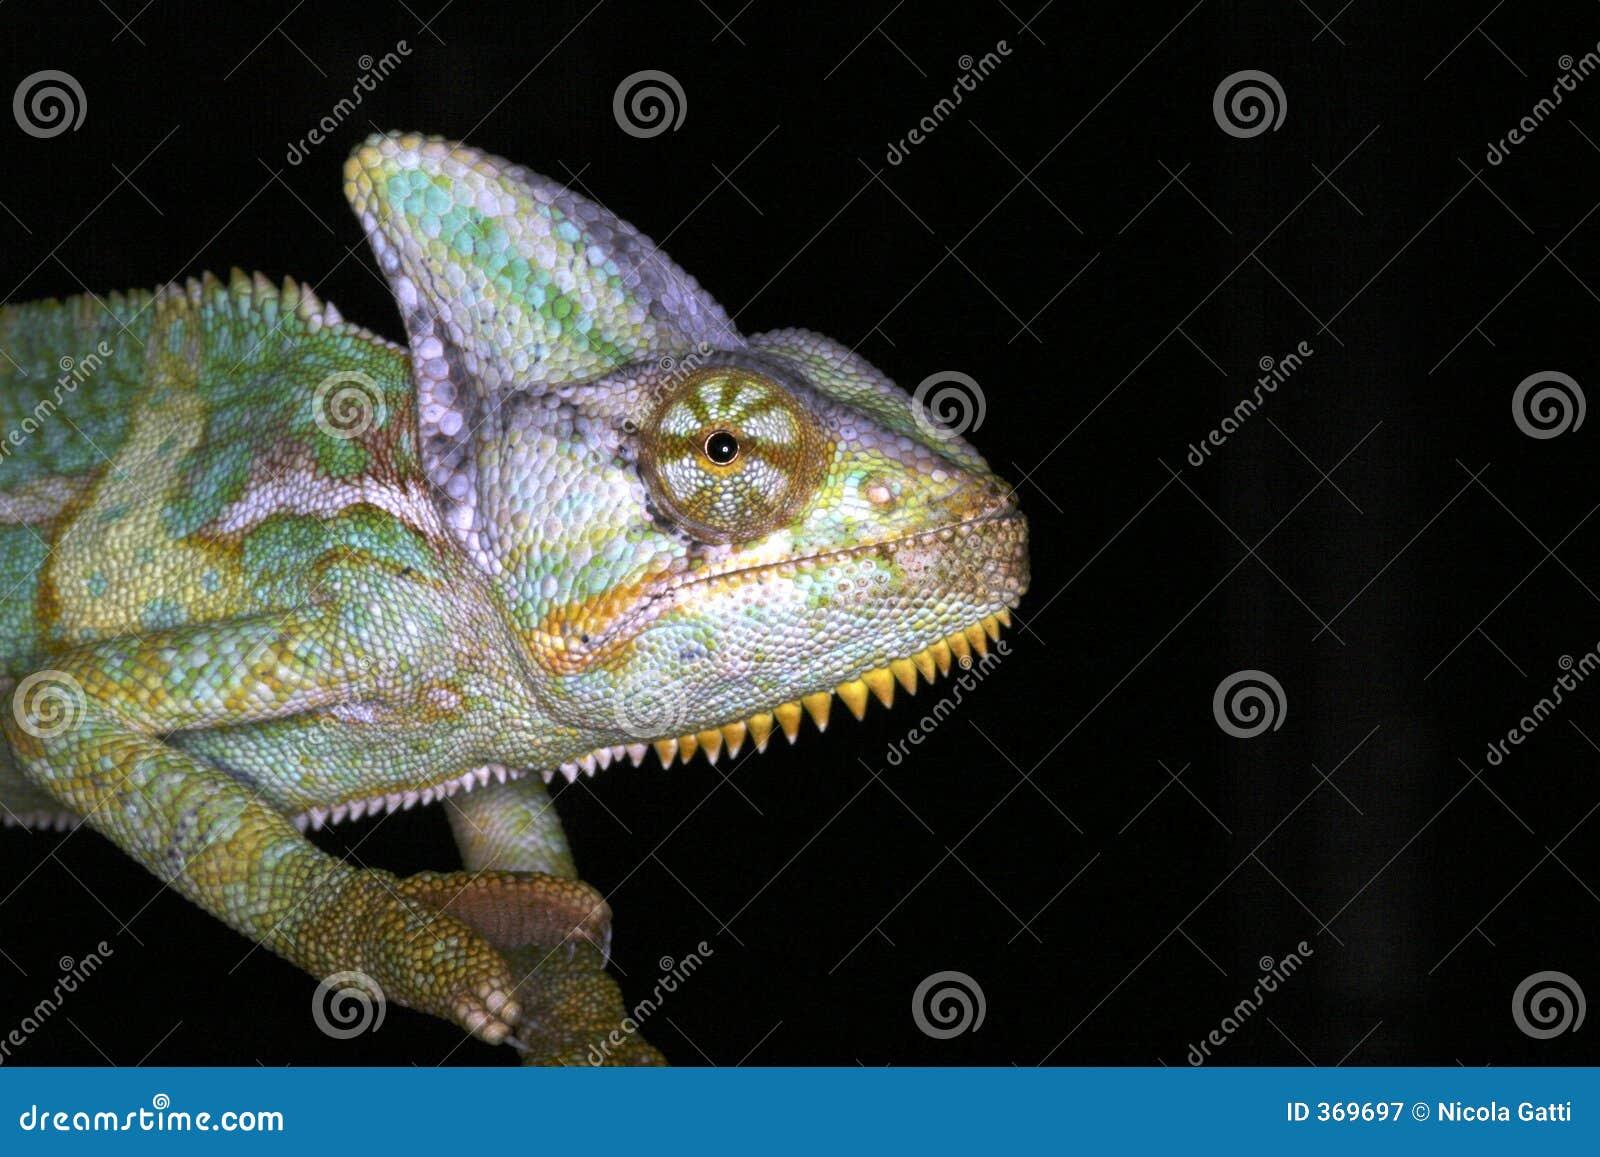 两栖变色蜥蜴爬行动物